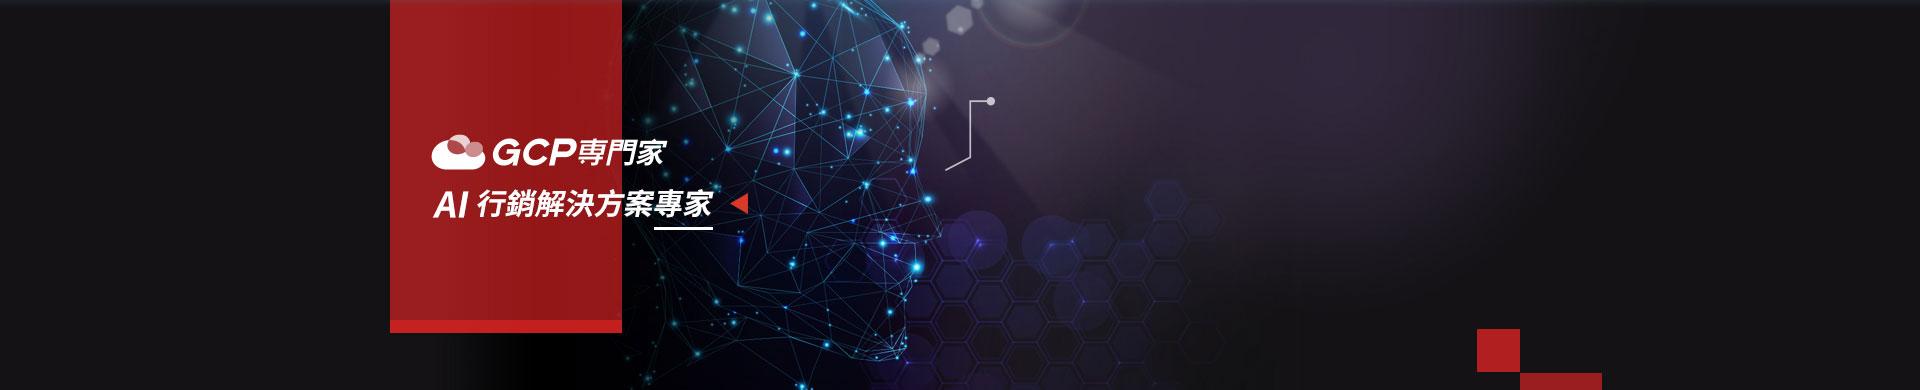 最新 AI 產業趨勢大剖析